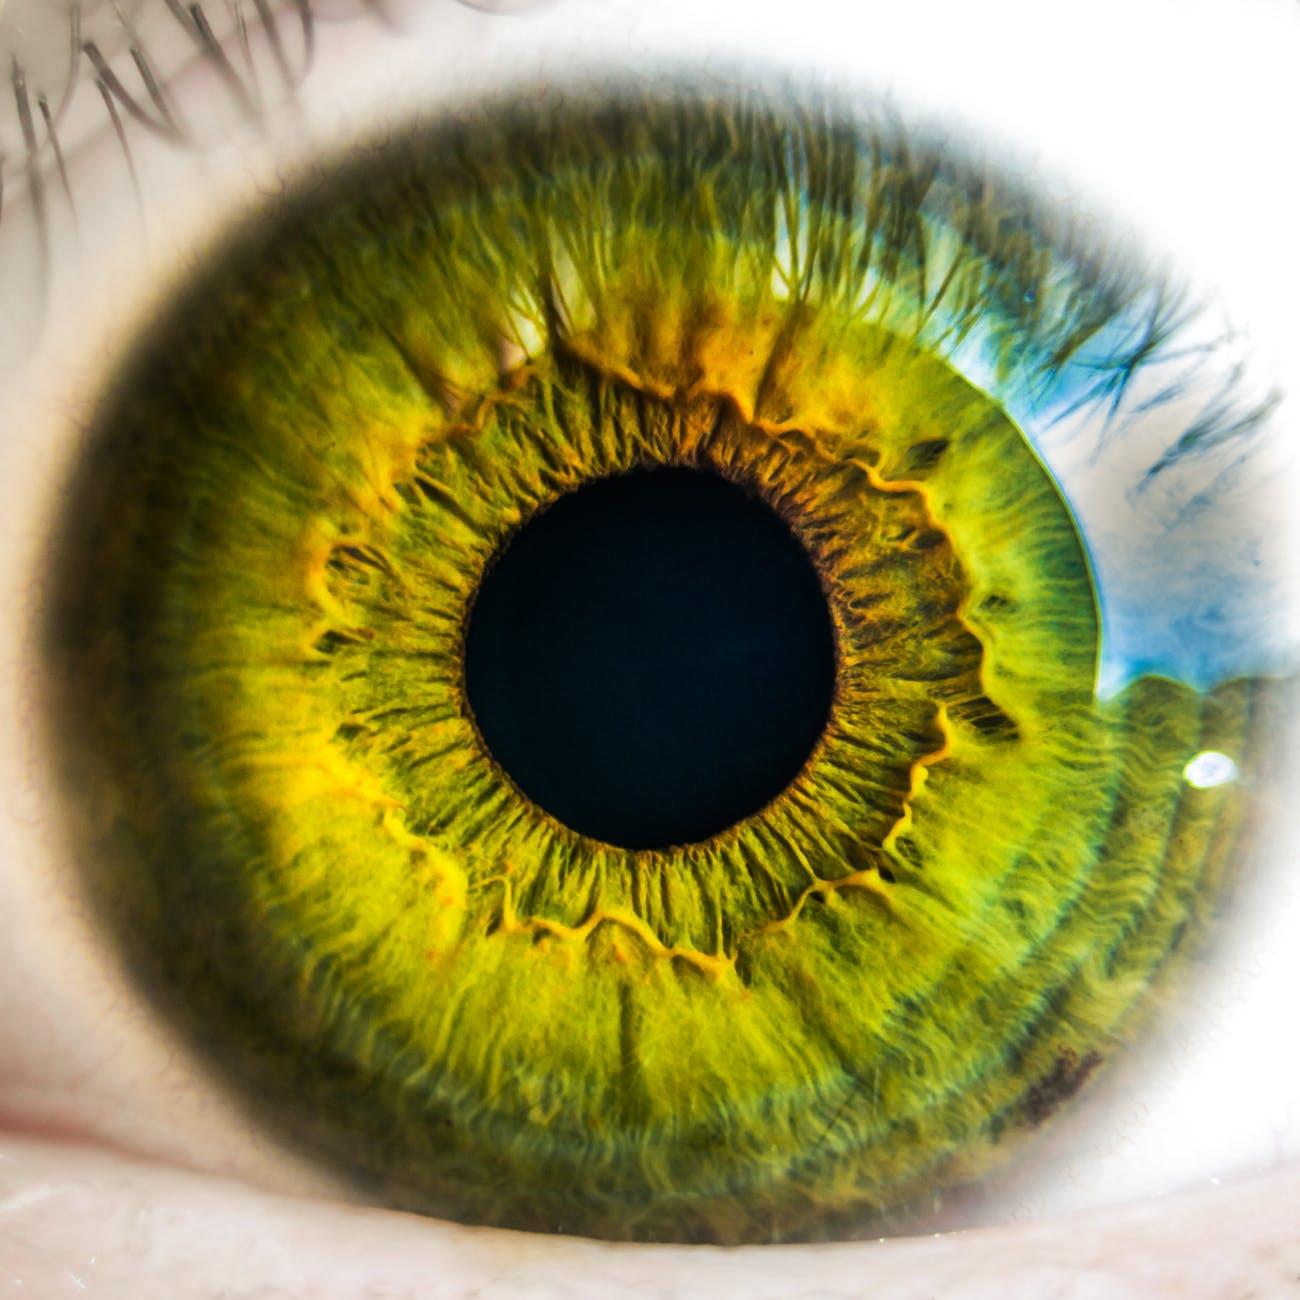 látás 150 százaléka olyan, mint sürgősségi szemészeti tankönyv